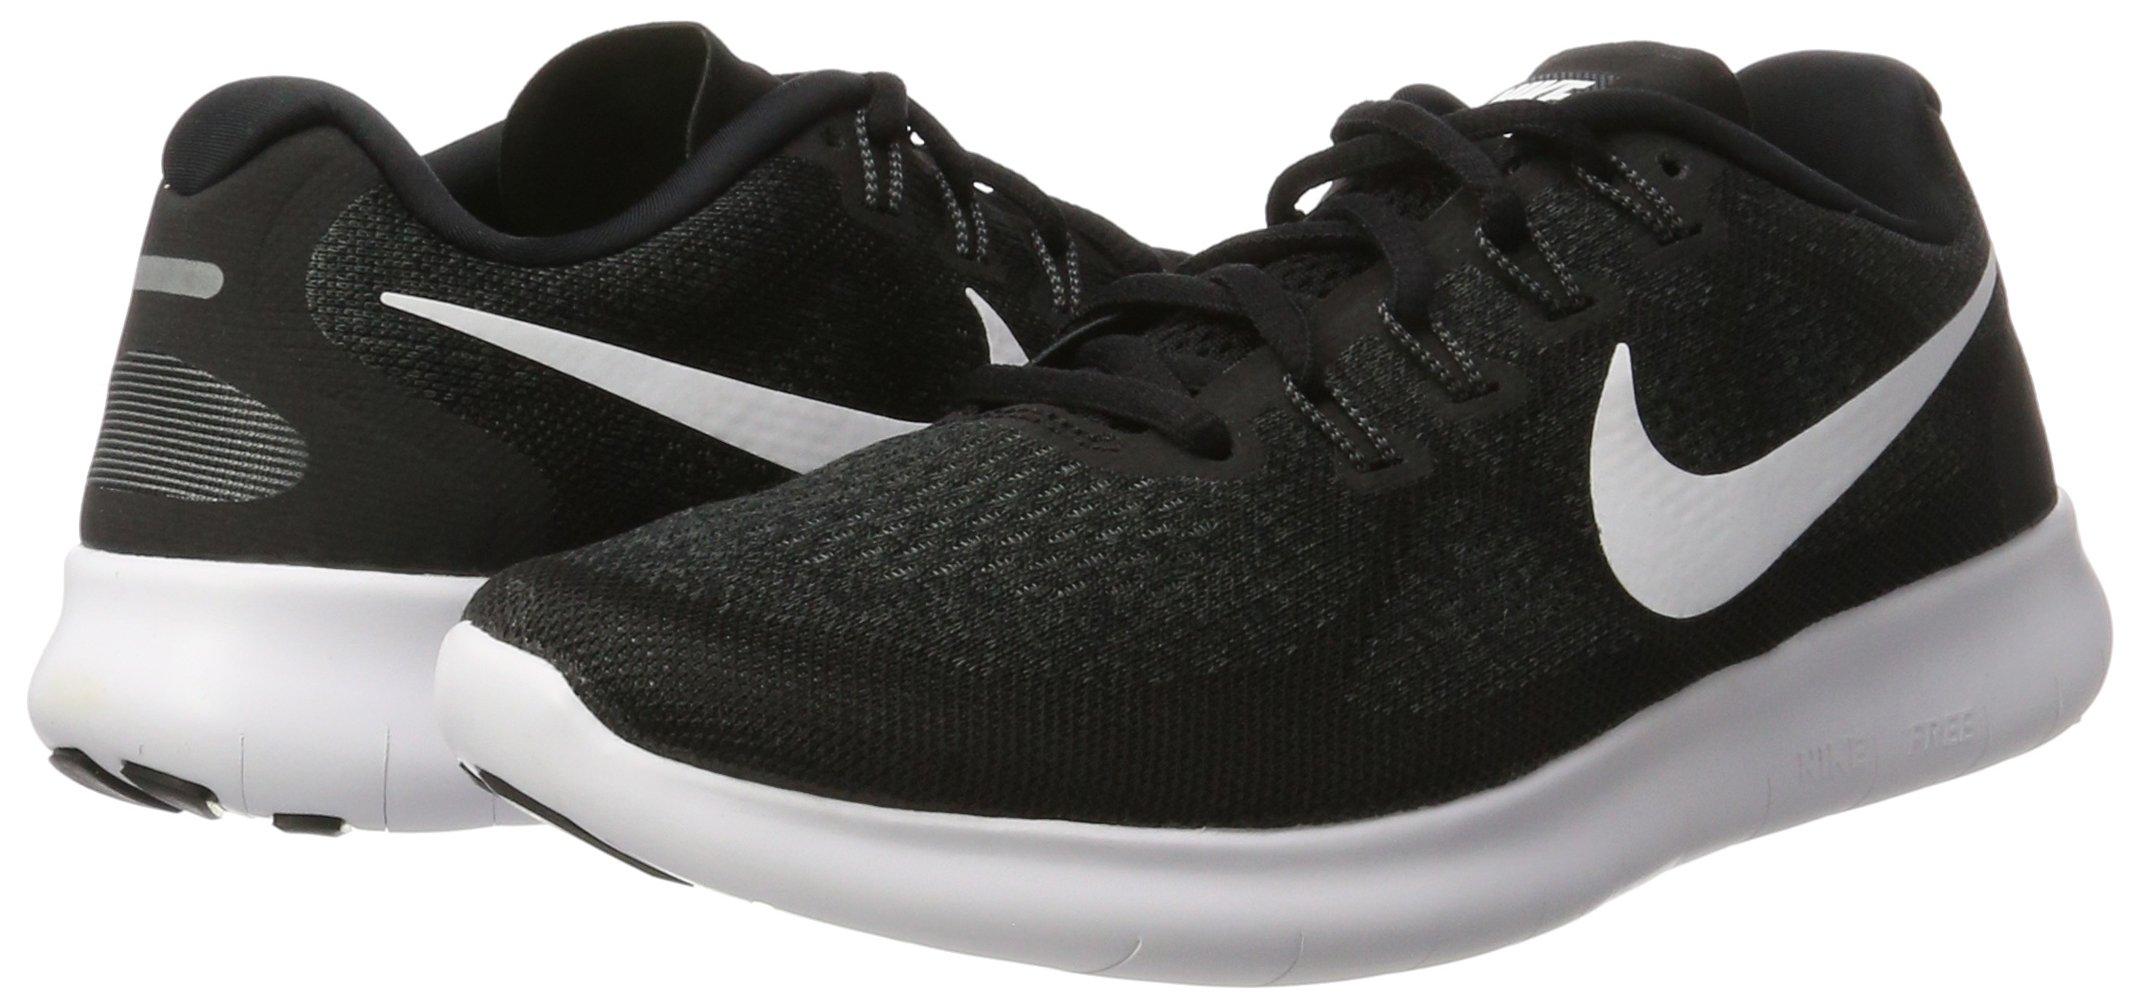 Nike Men's Free RN 2017 Running Shoe Black/White/Dark Grey/Anthracite Size 7.5 M US by Nike (Image #5)